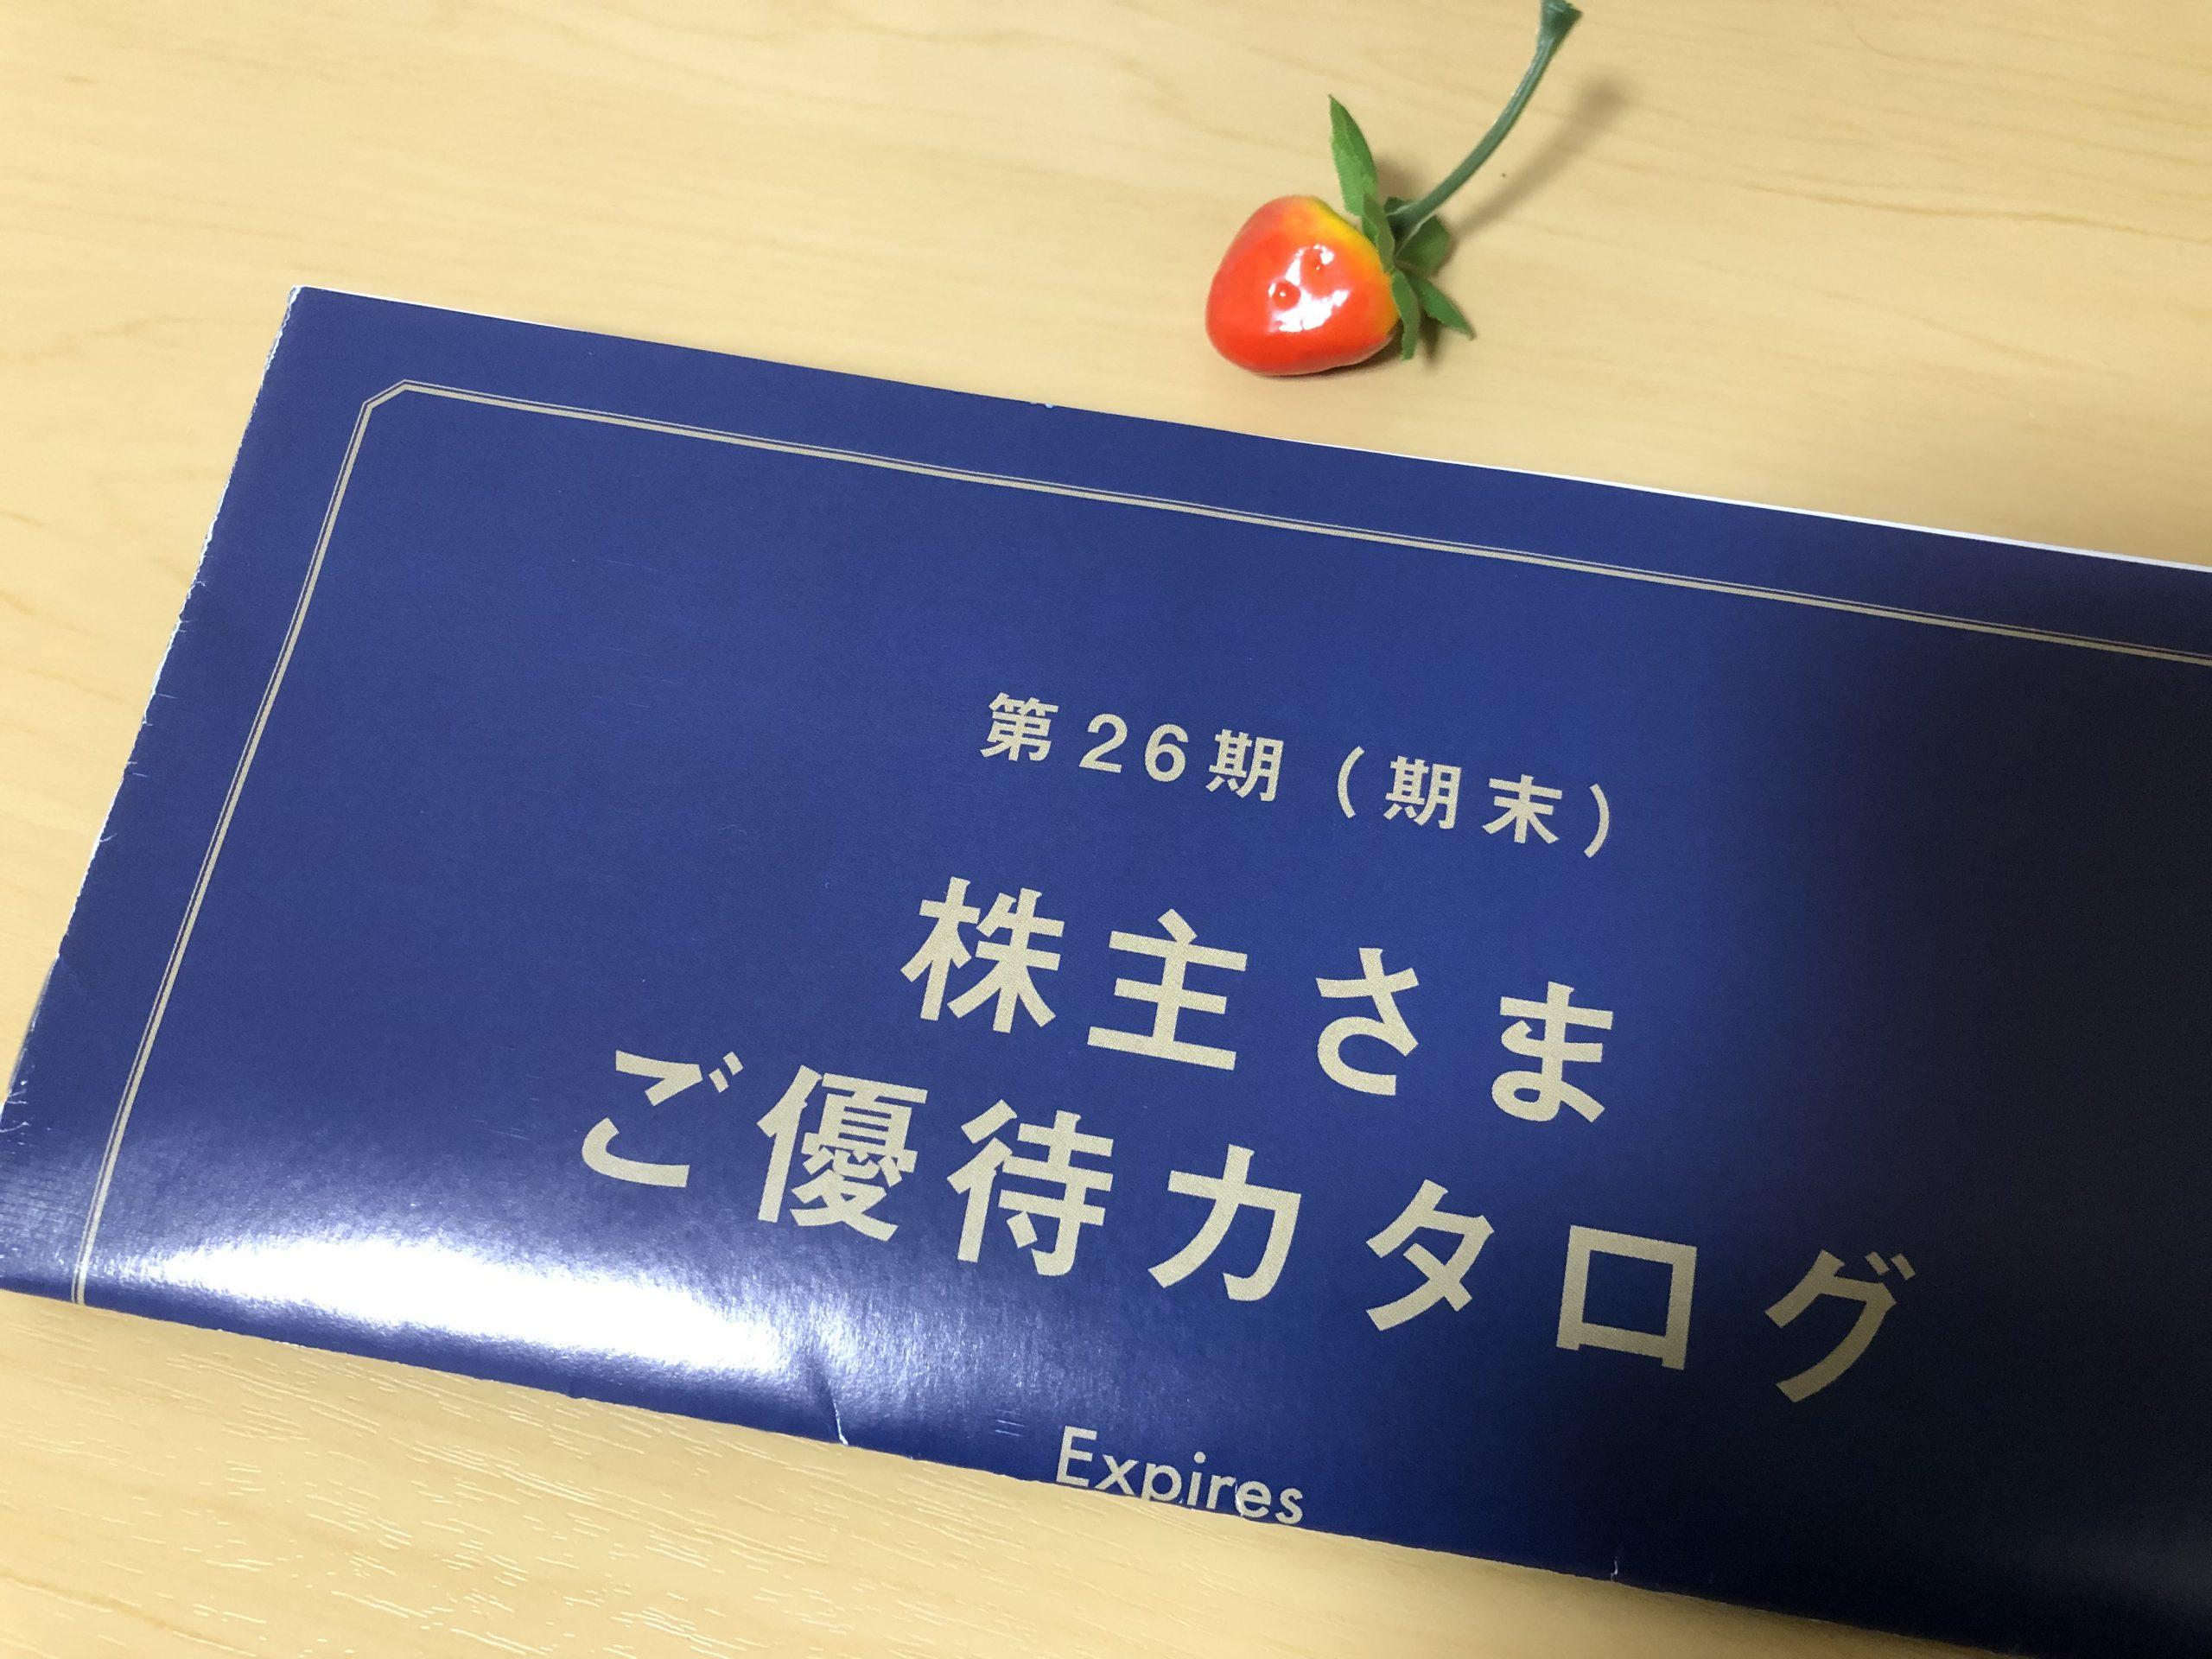 ブルーノ 株主優待カタログ